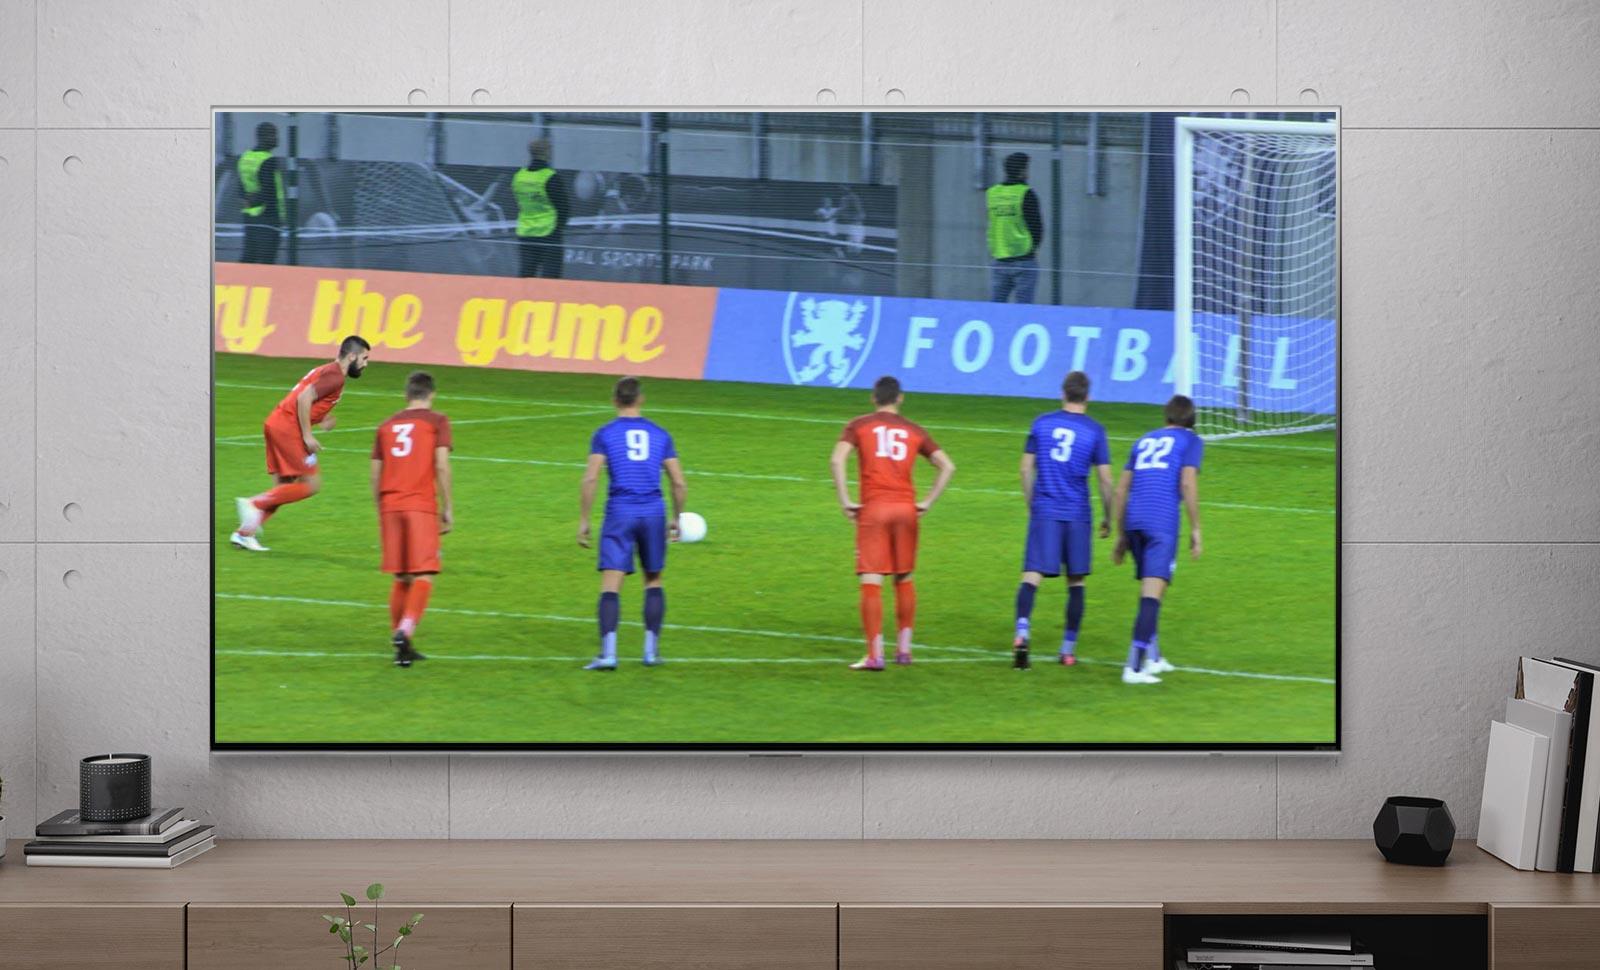 จอทีวีแสดงภาพนักฟุตบอลเตะลูกโทษ (เล่นวิดีโอ)